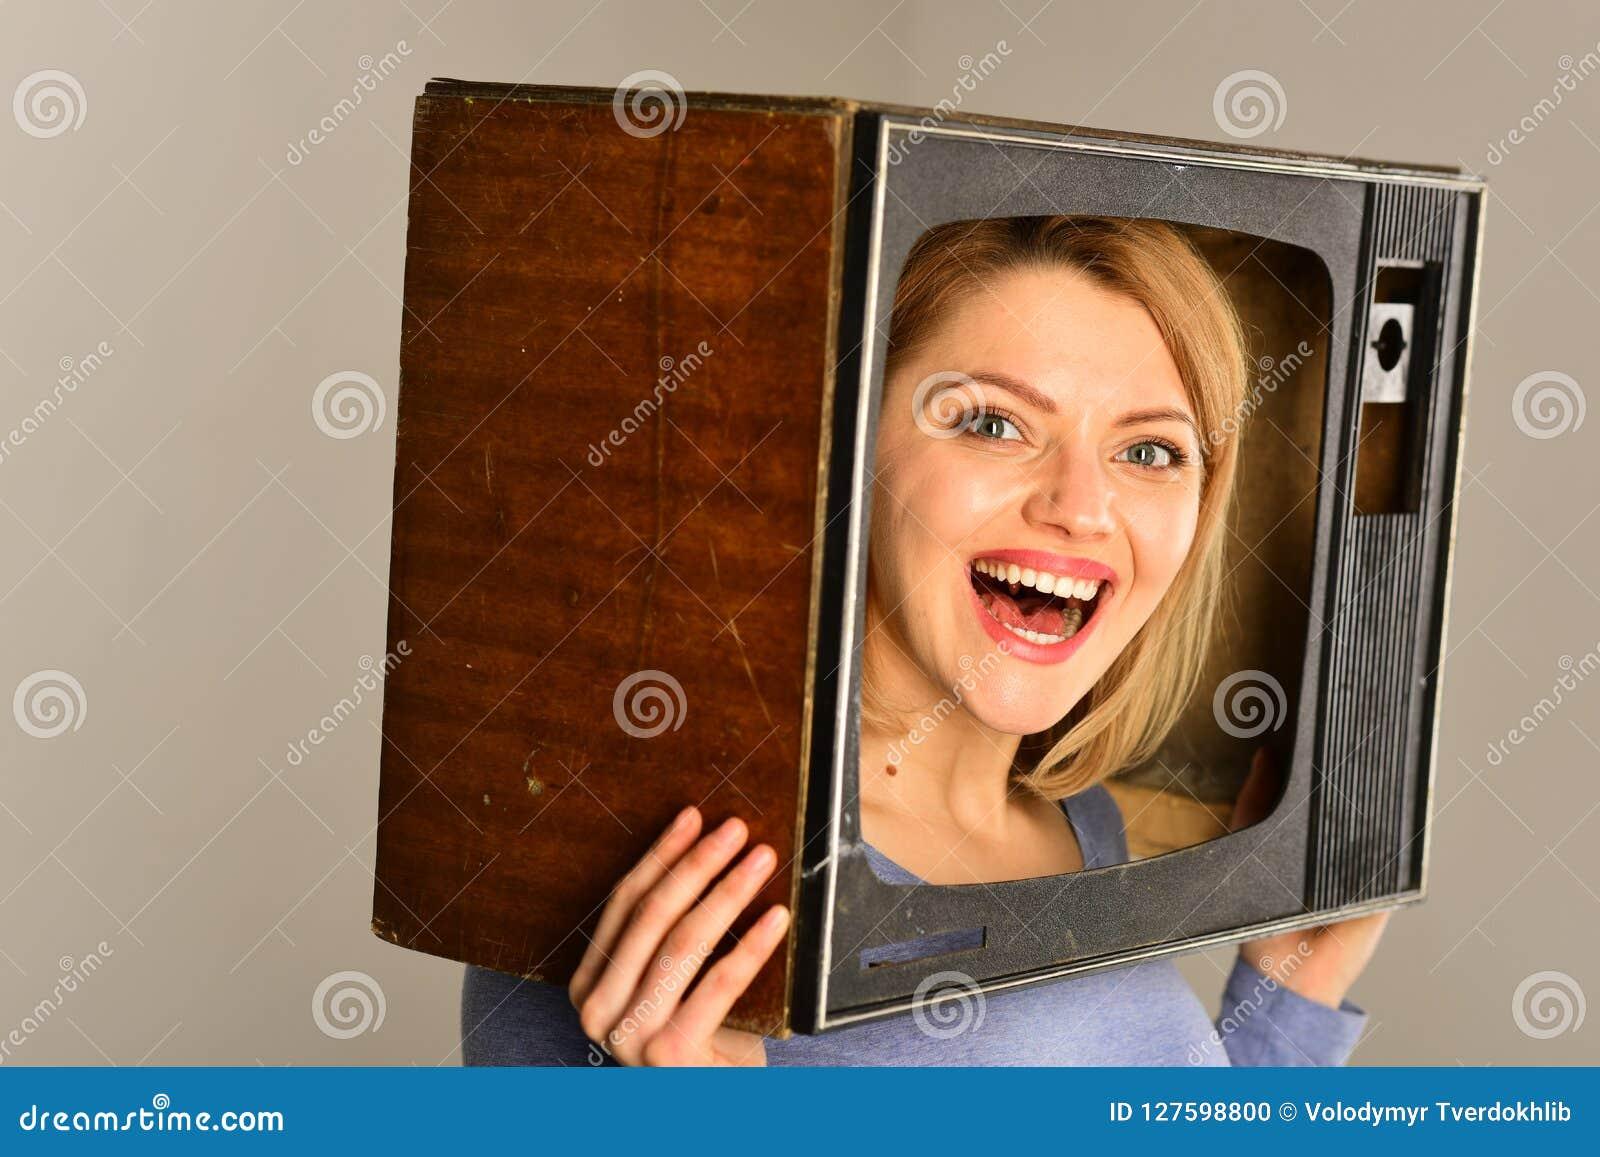 Comedia Película de observación de la comedia película de la comedia para la mujer feliz Concepto de la comedia Pasar gran tiempo